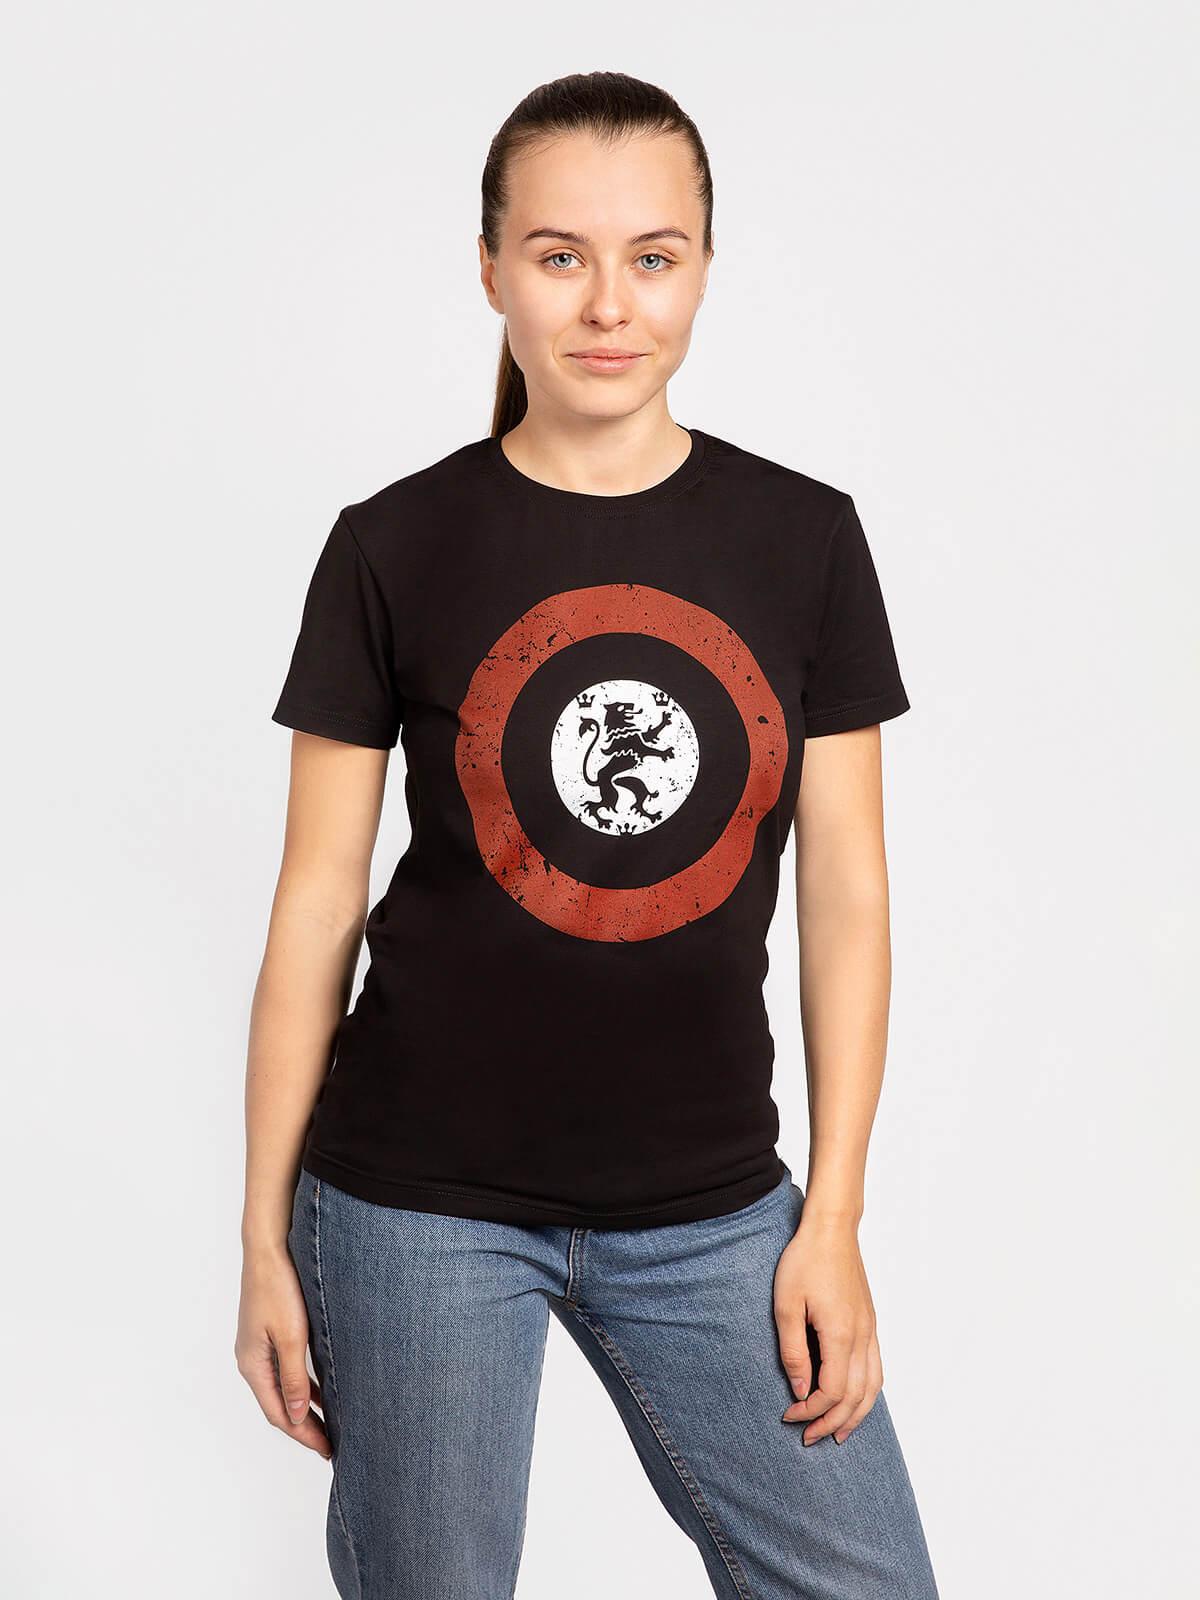 Women's T-Shirt Lion (Roundel). Color black. Material: 95% cotton, 5% spandex.